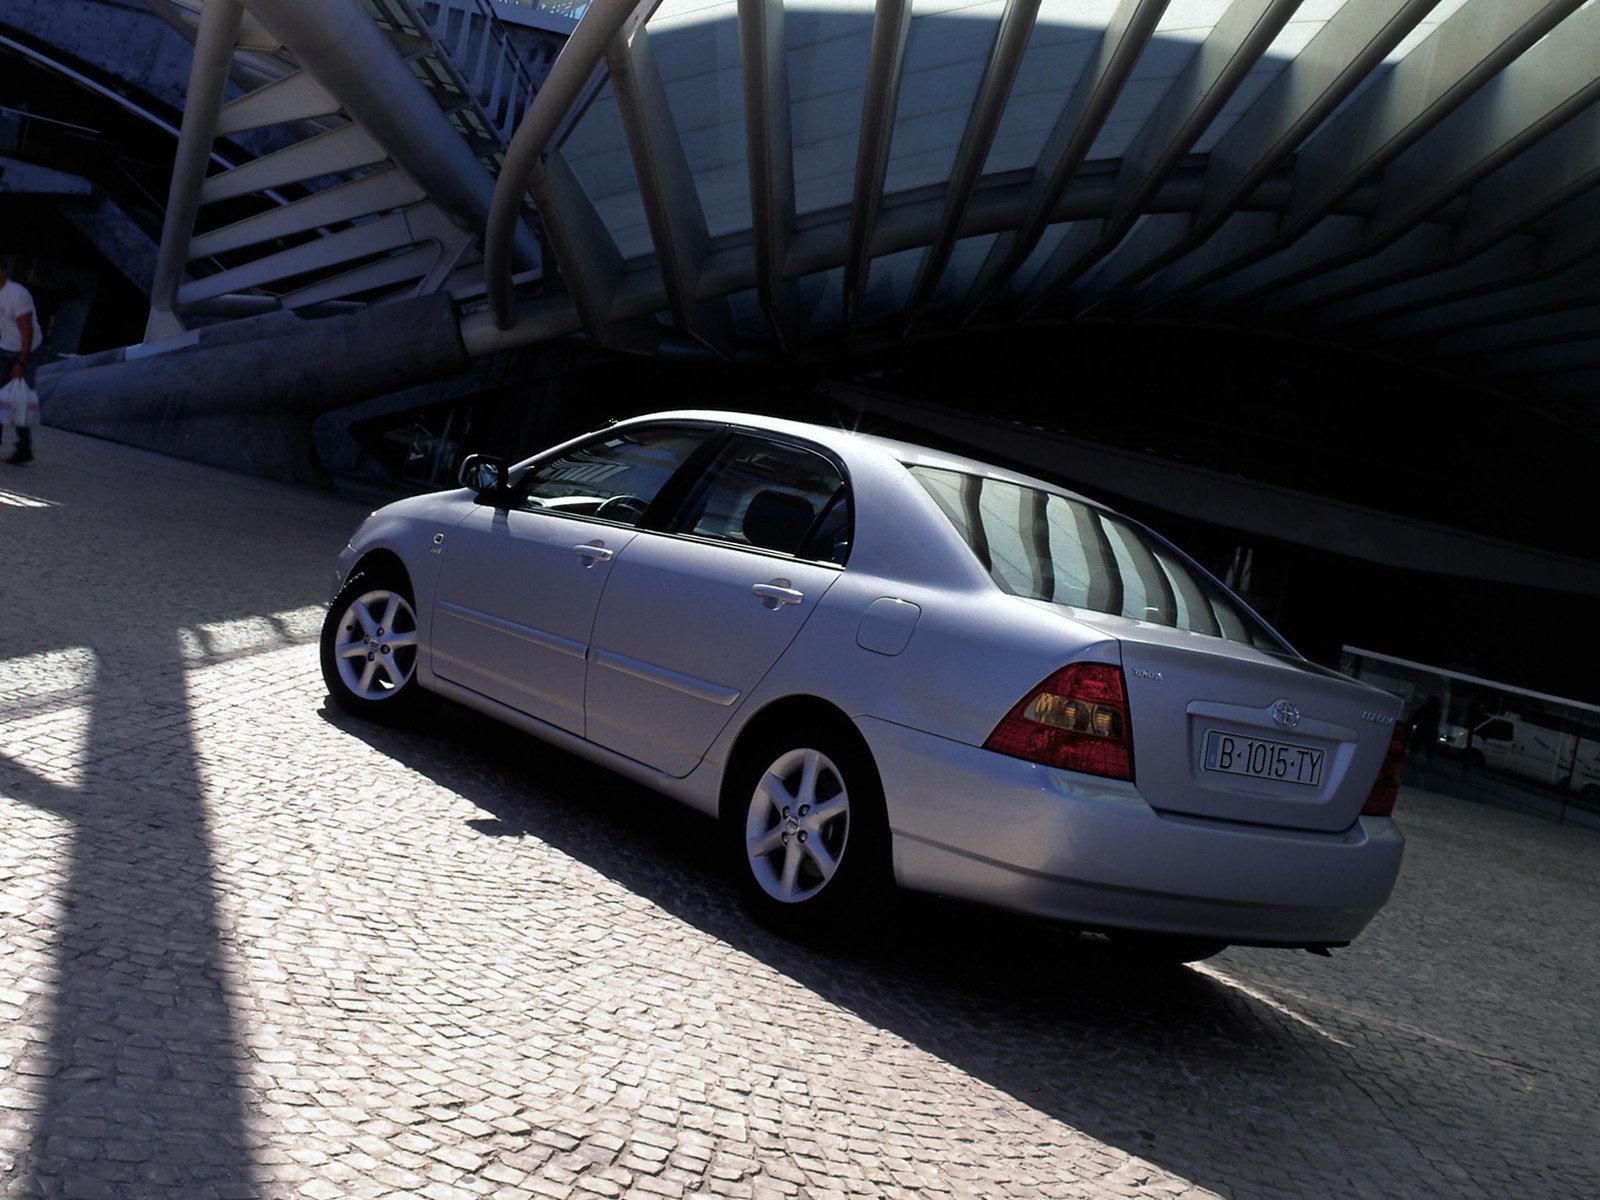 Toyota (Тойота) Corolla 2003-2004 г.